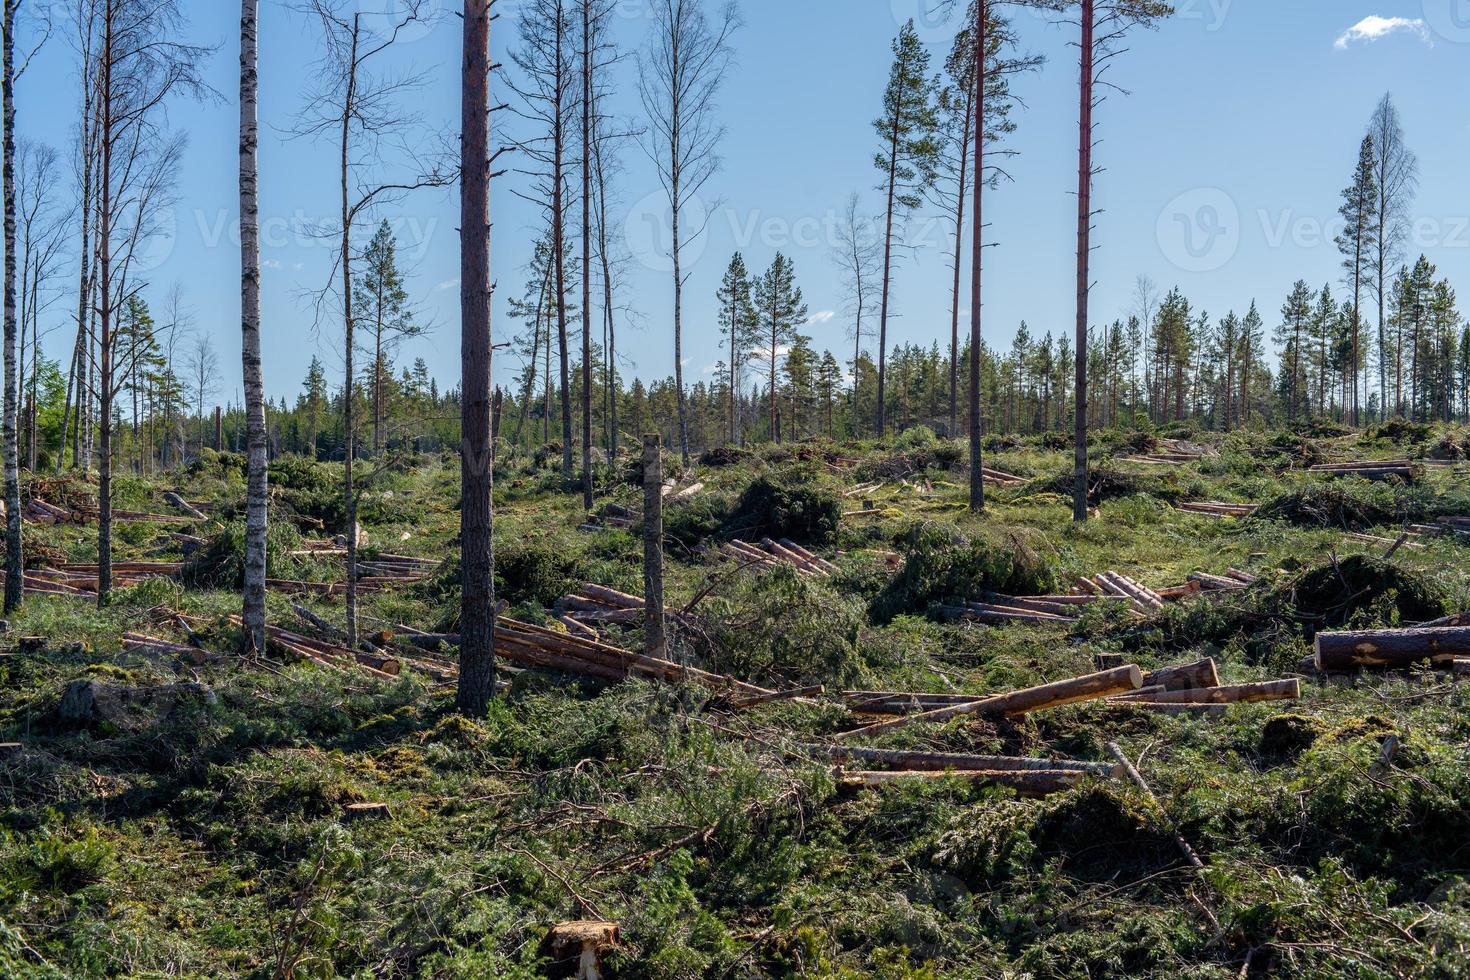 neu gemachtes Entwaldungsgebiet in Schweden foto